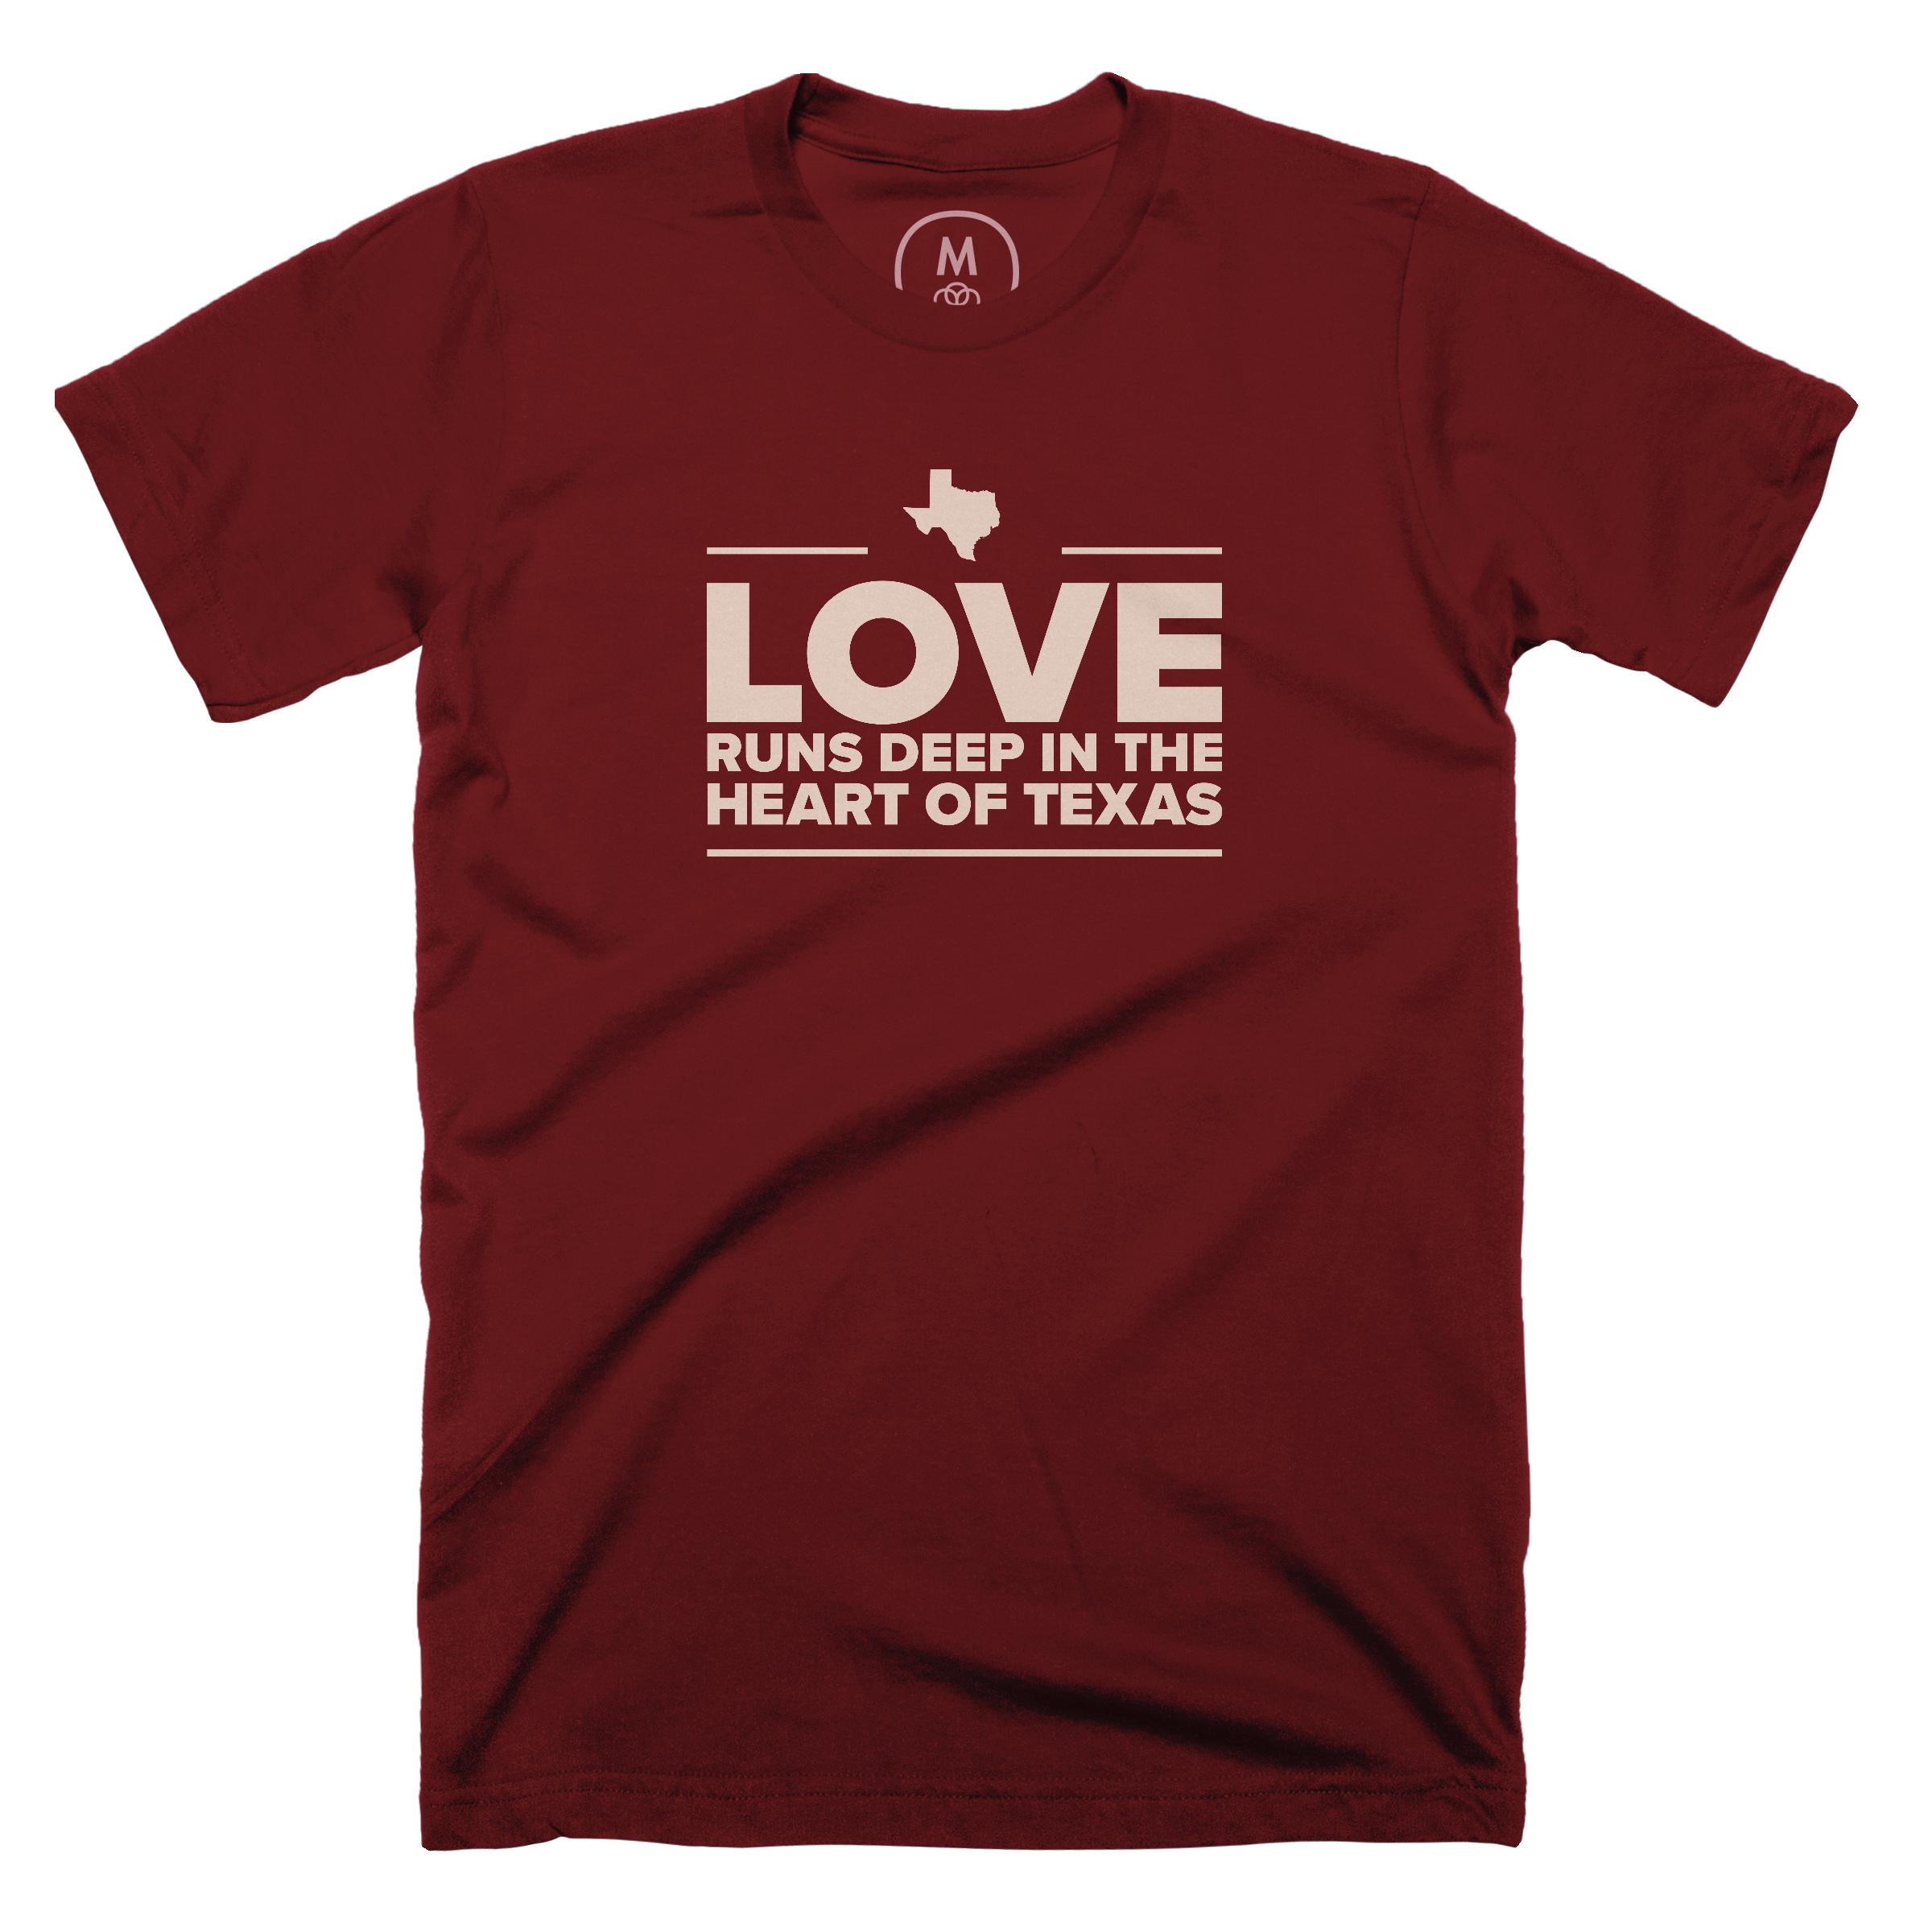 Love is Deep in the Heart of Texas Maroon (Men's)